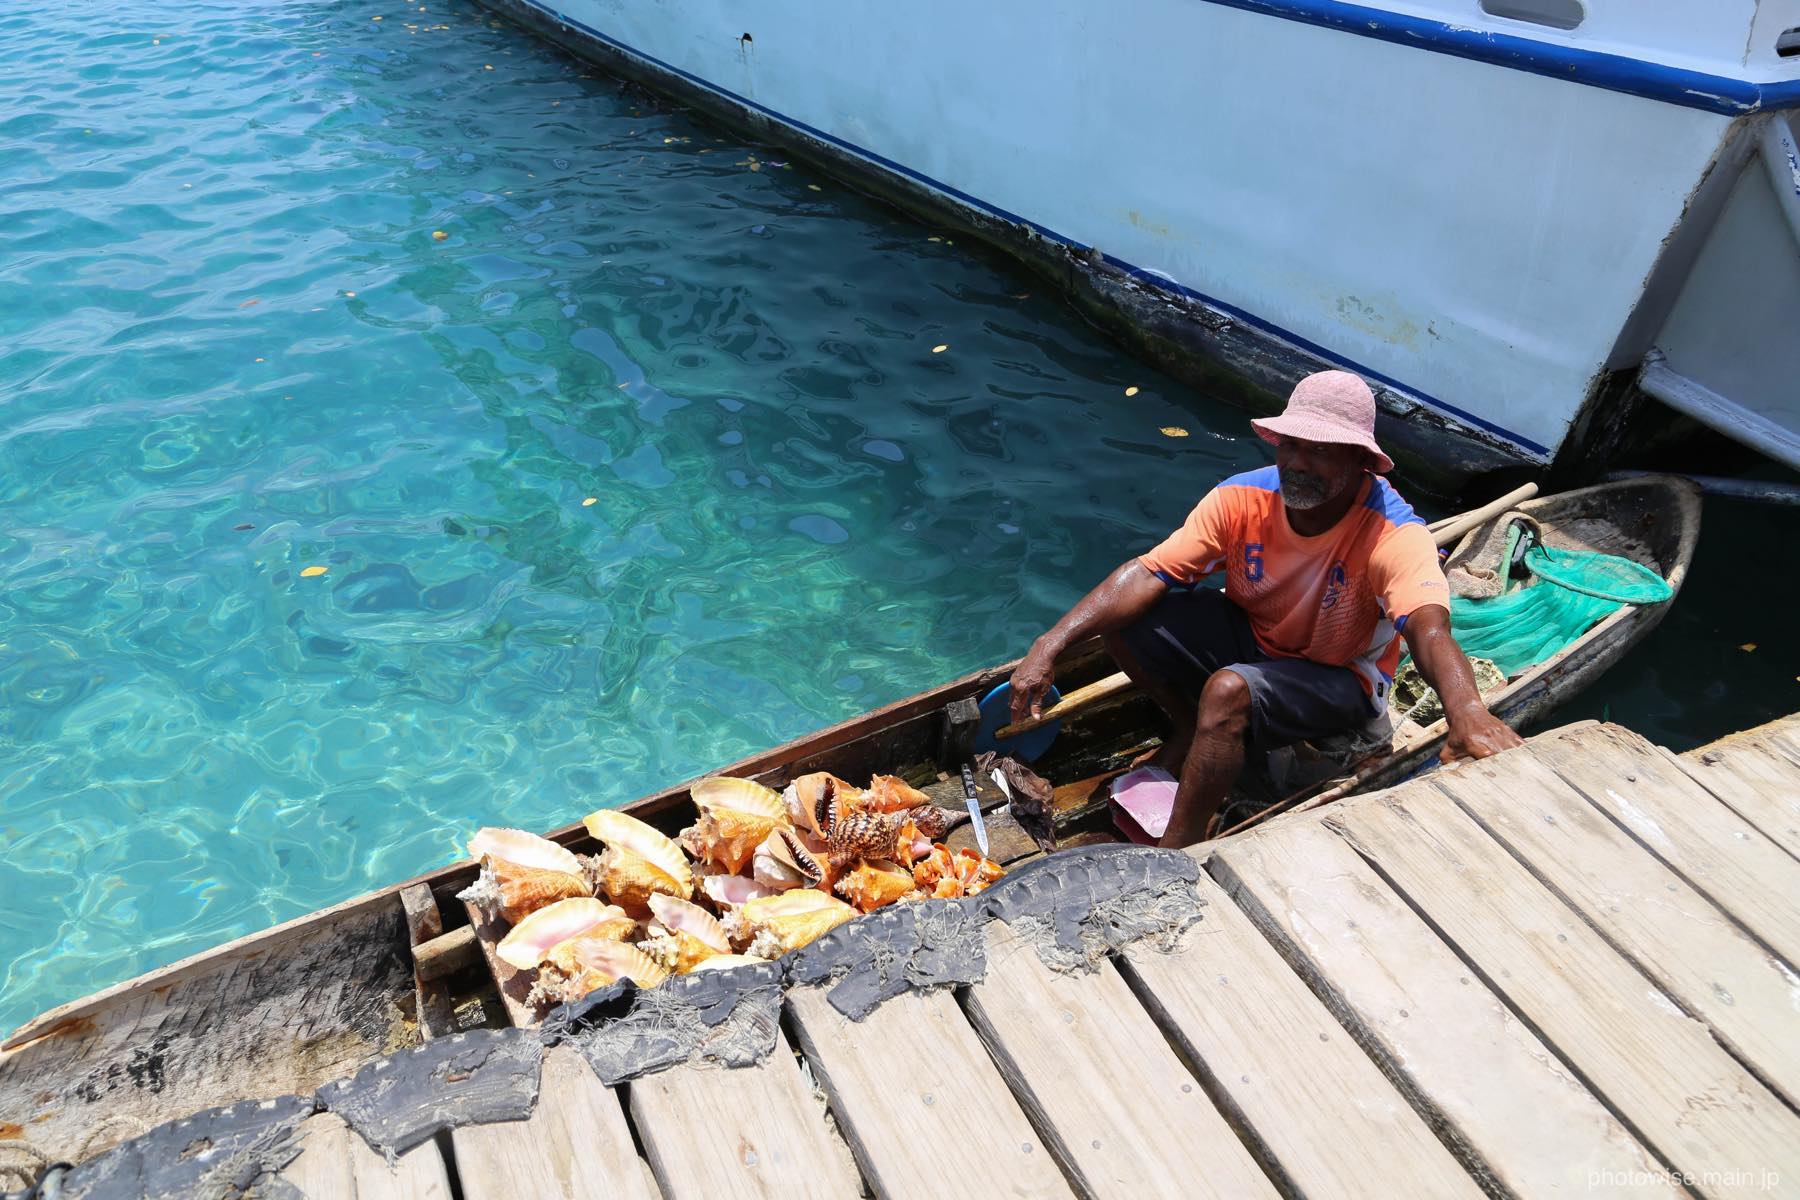 コンク貝を売る男性